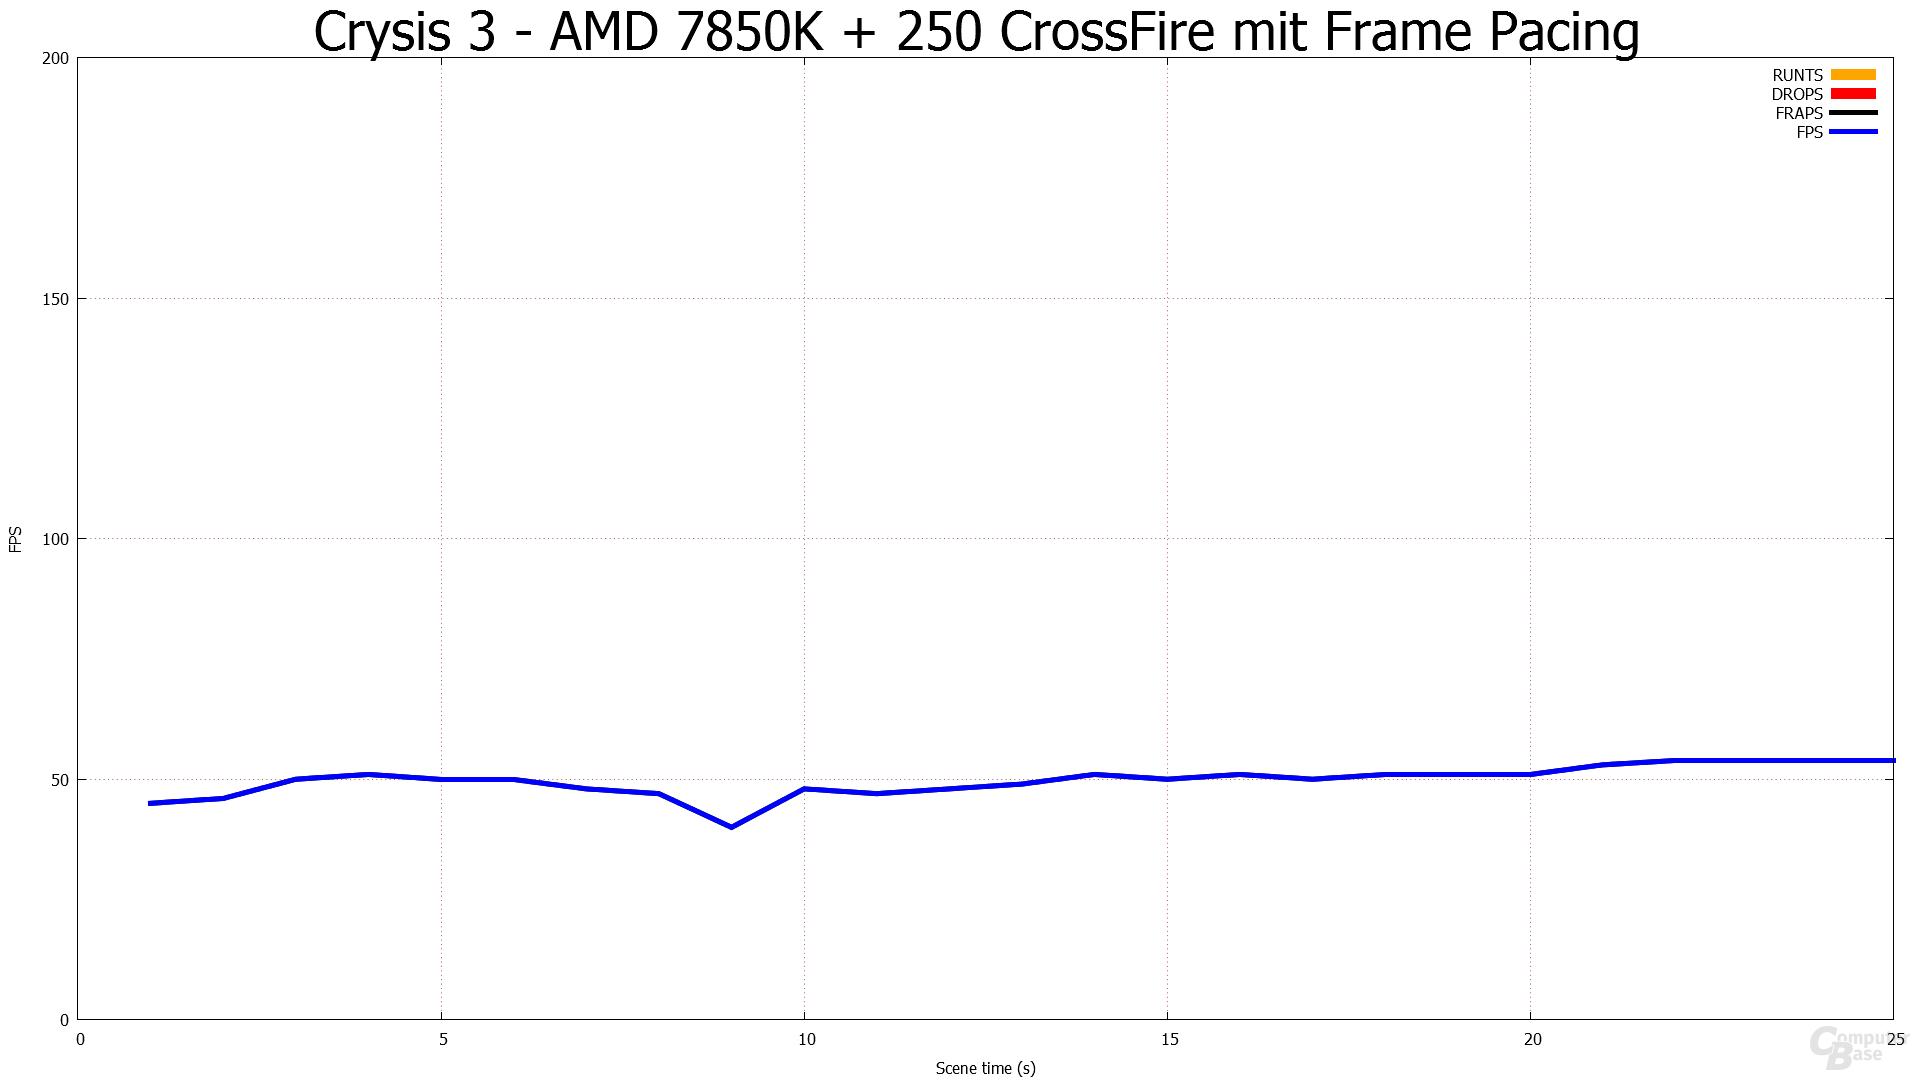 Mit Frame Pacing - Crysis 3